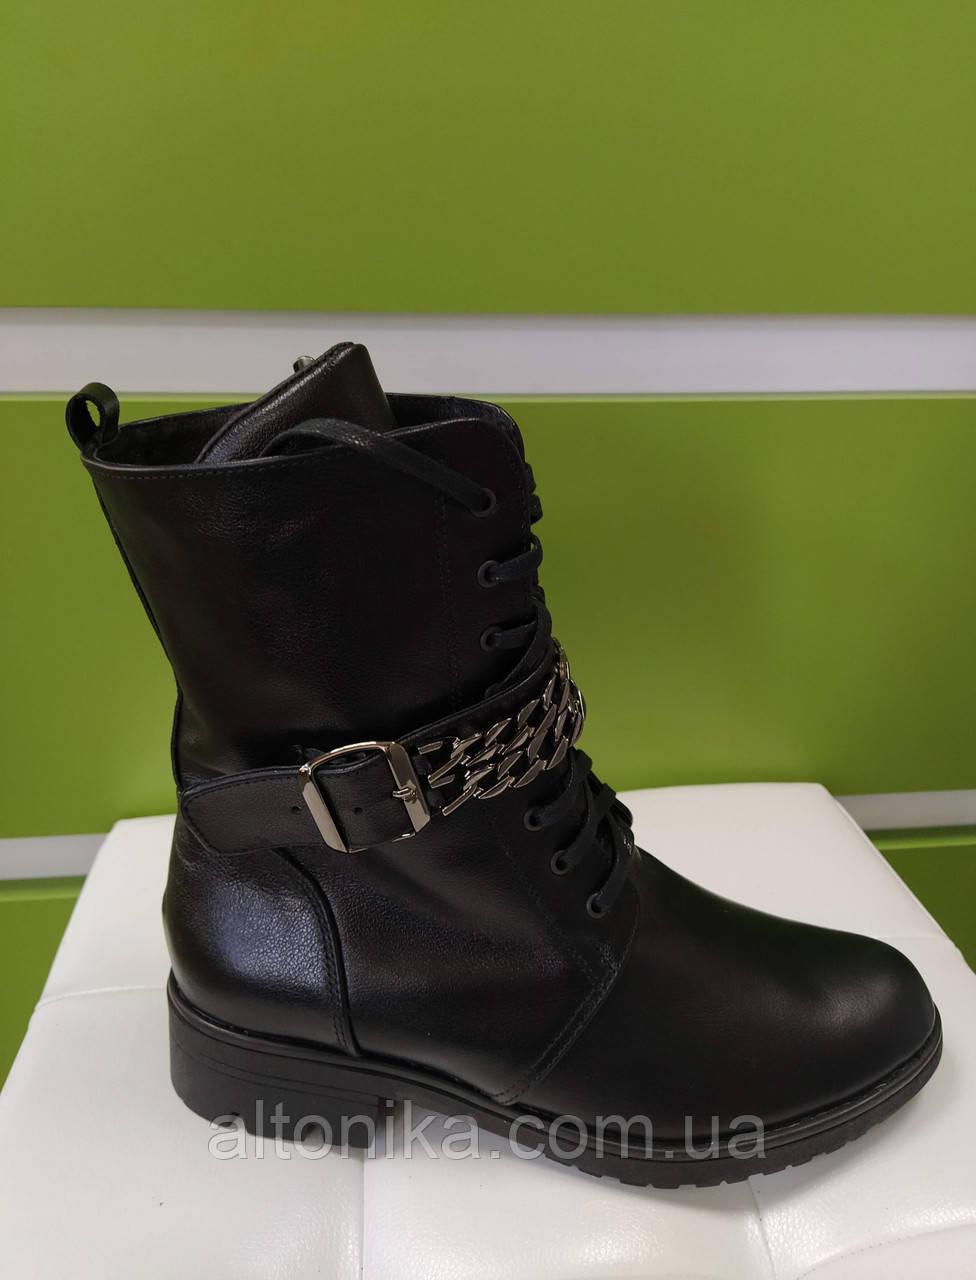 STTOPA 40р деми! Размеры 33-44! Ботинки кожаные больших размеров! С9-28-3641-4-3344